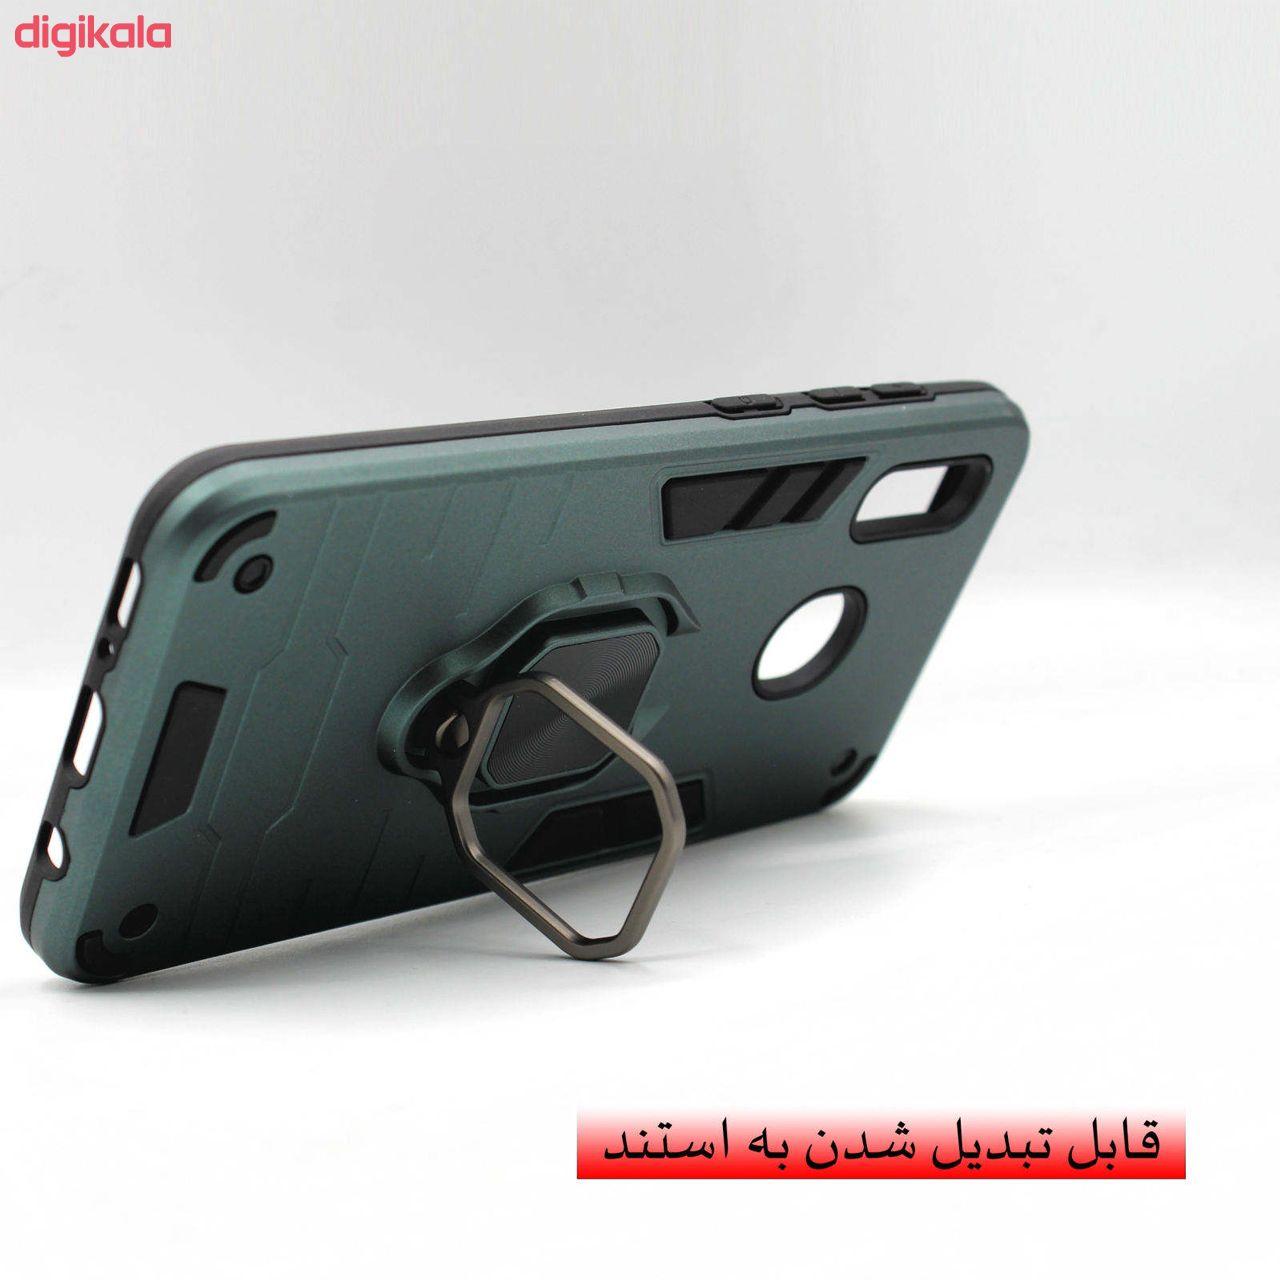 کاور کینگ پاور مدل ASH22 مناسب برای گوشی موبایل هوآوی Y6 Prime 2019 / Y6S / آنر 8A main 1 13